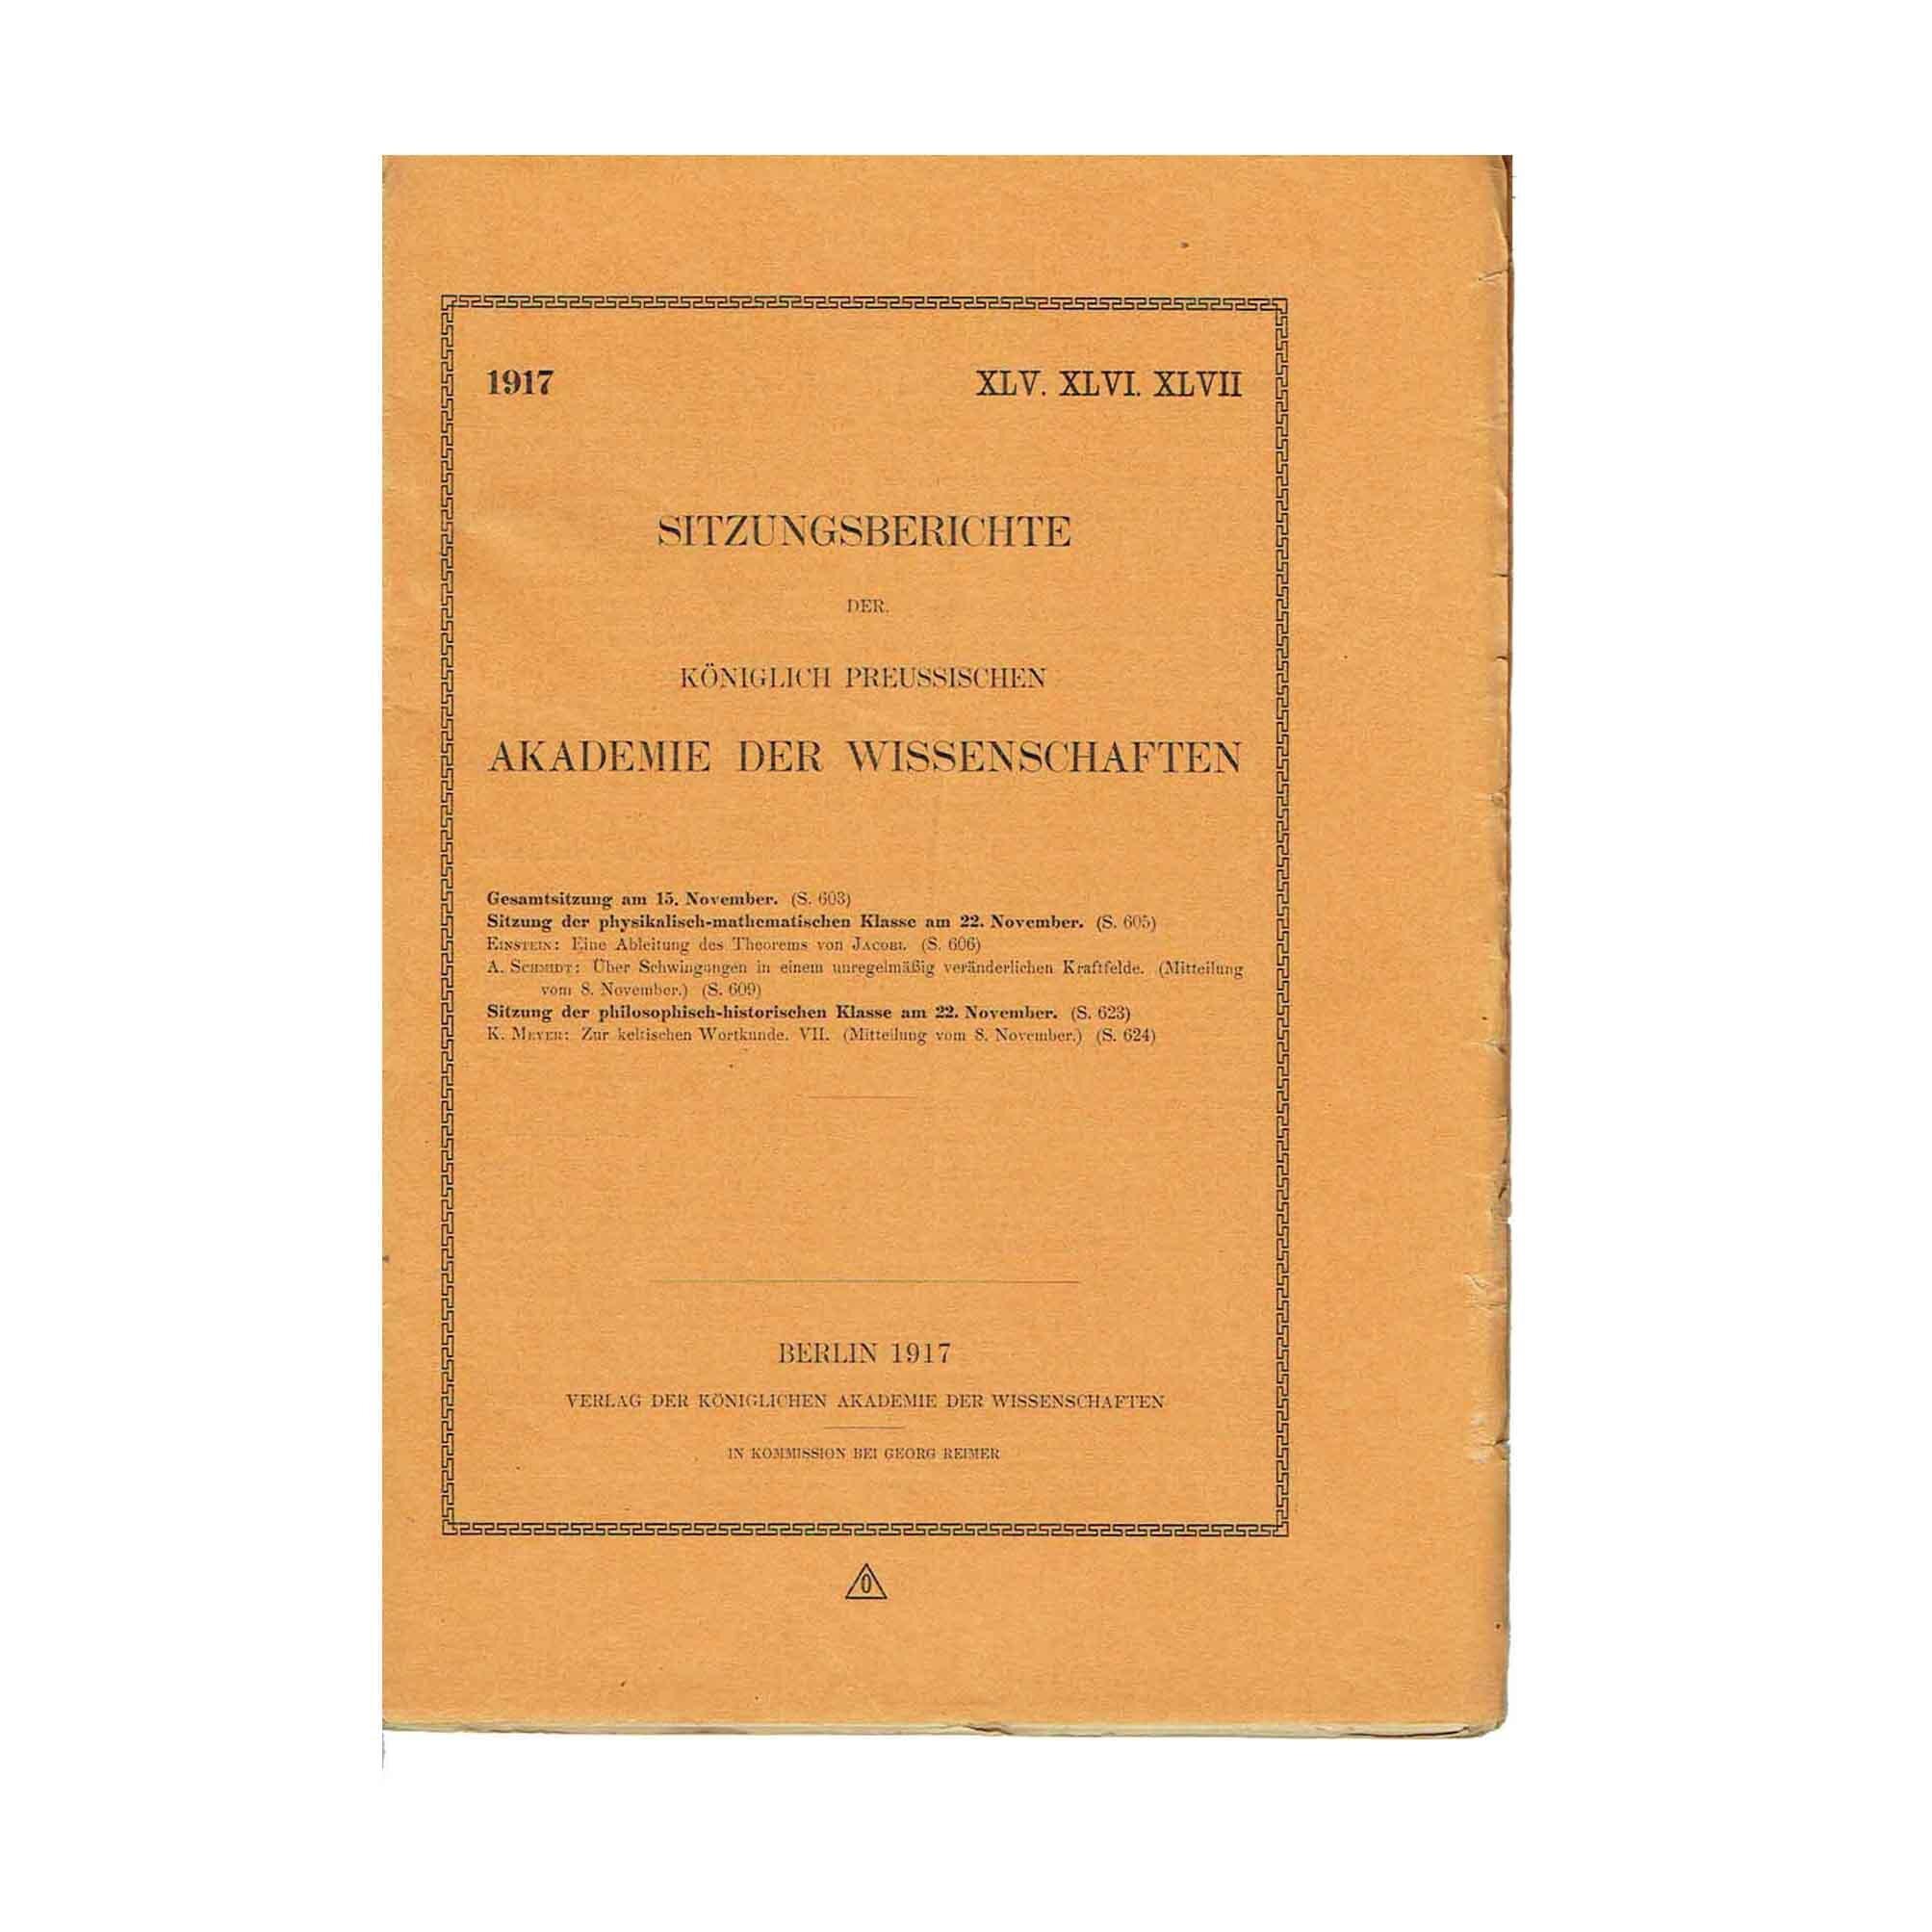 5718 Einstein Jacobi Akademie XLVI 1917 Cover recto free N